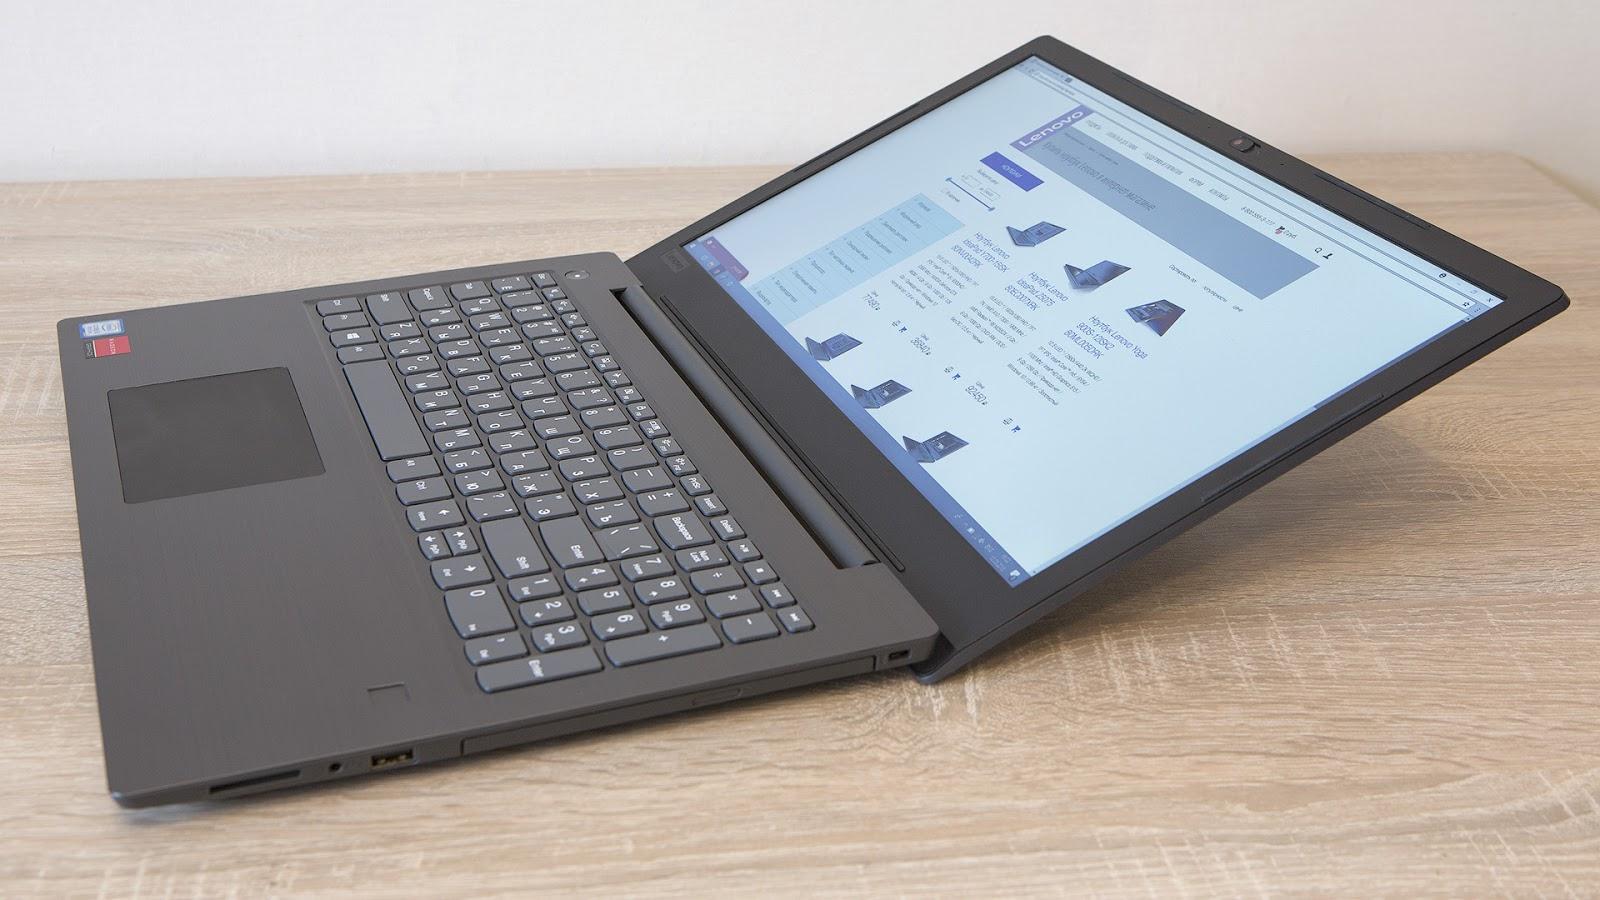 Обзор ноутбука Lenovo V330-15: надёжный офисный трудяга - 16